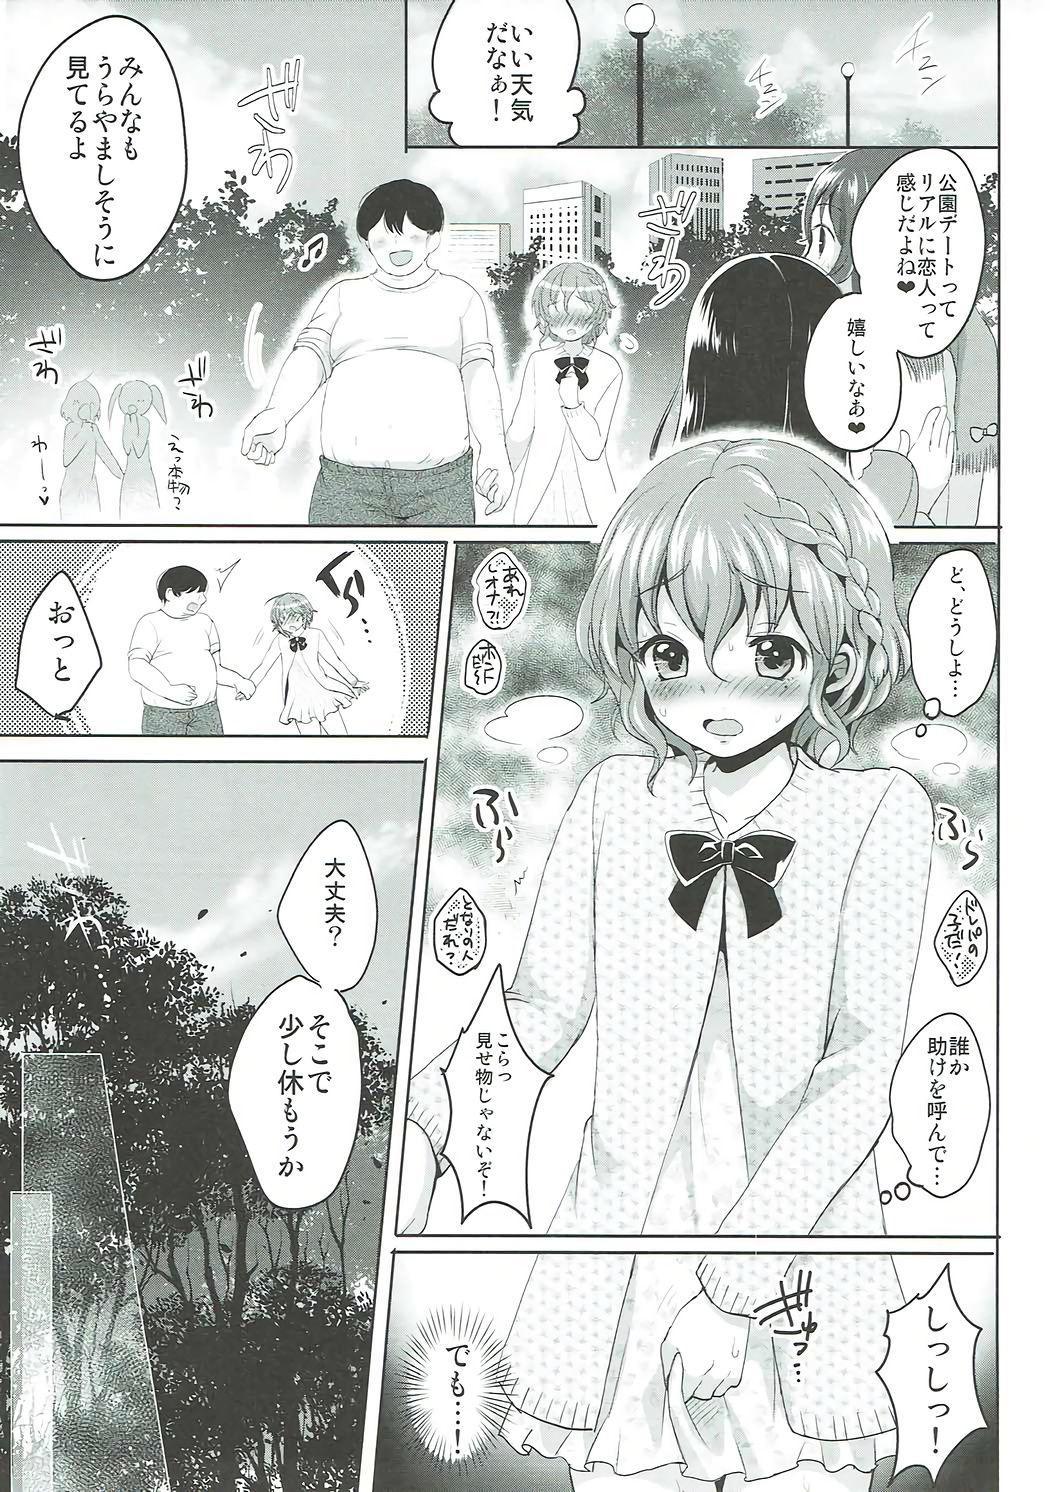 Boku no Ichinichi Gentei Kanojo wa Otokonoko Idol! 13